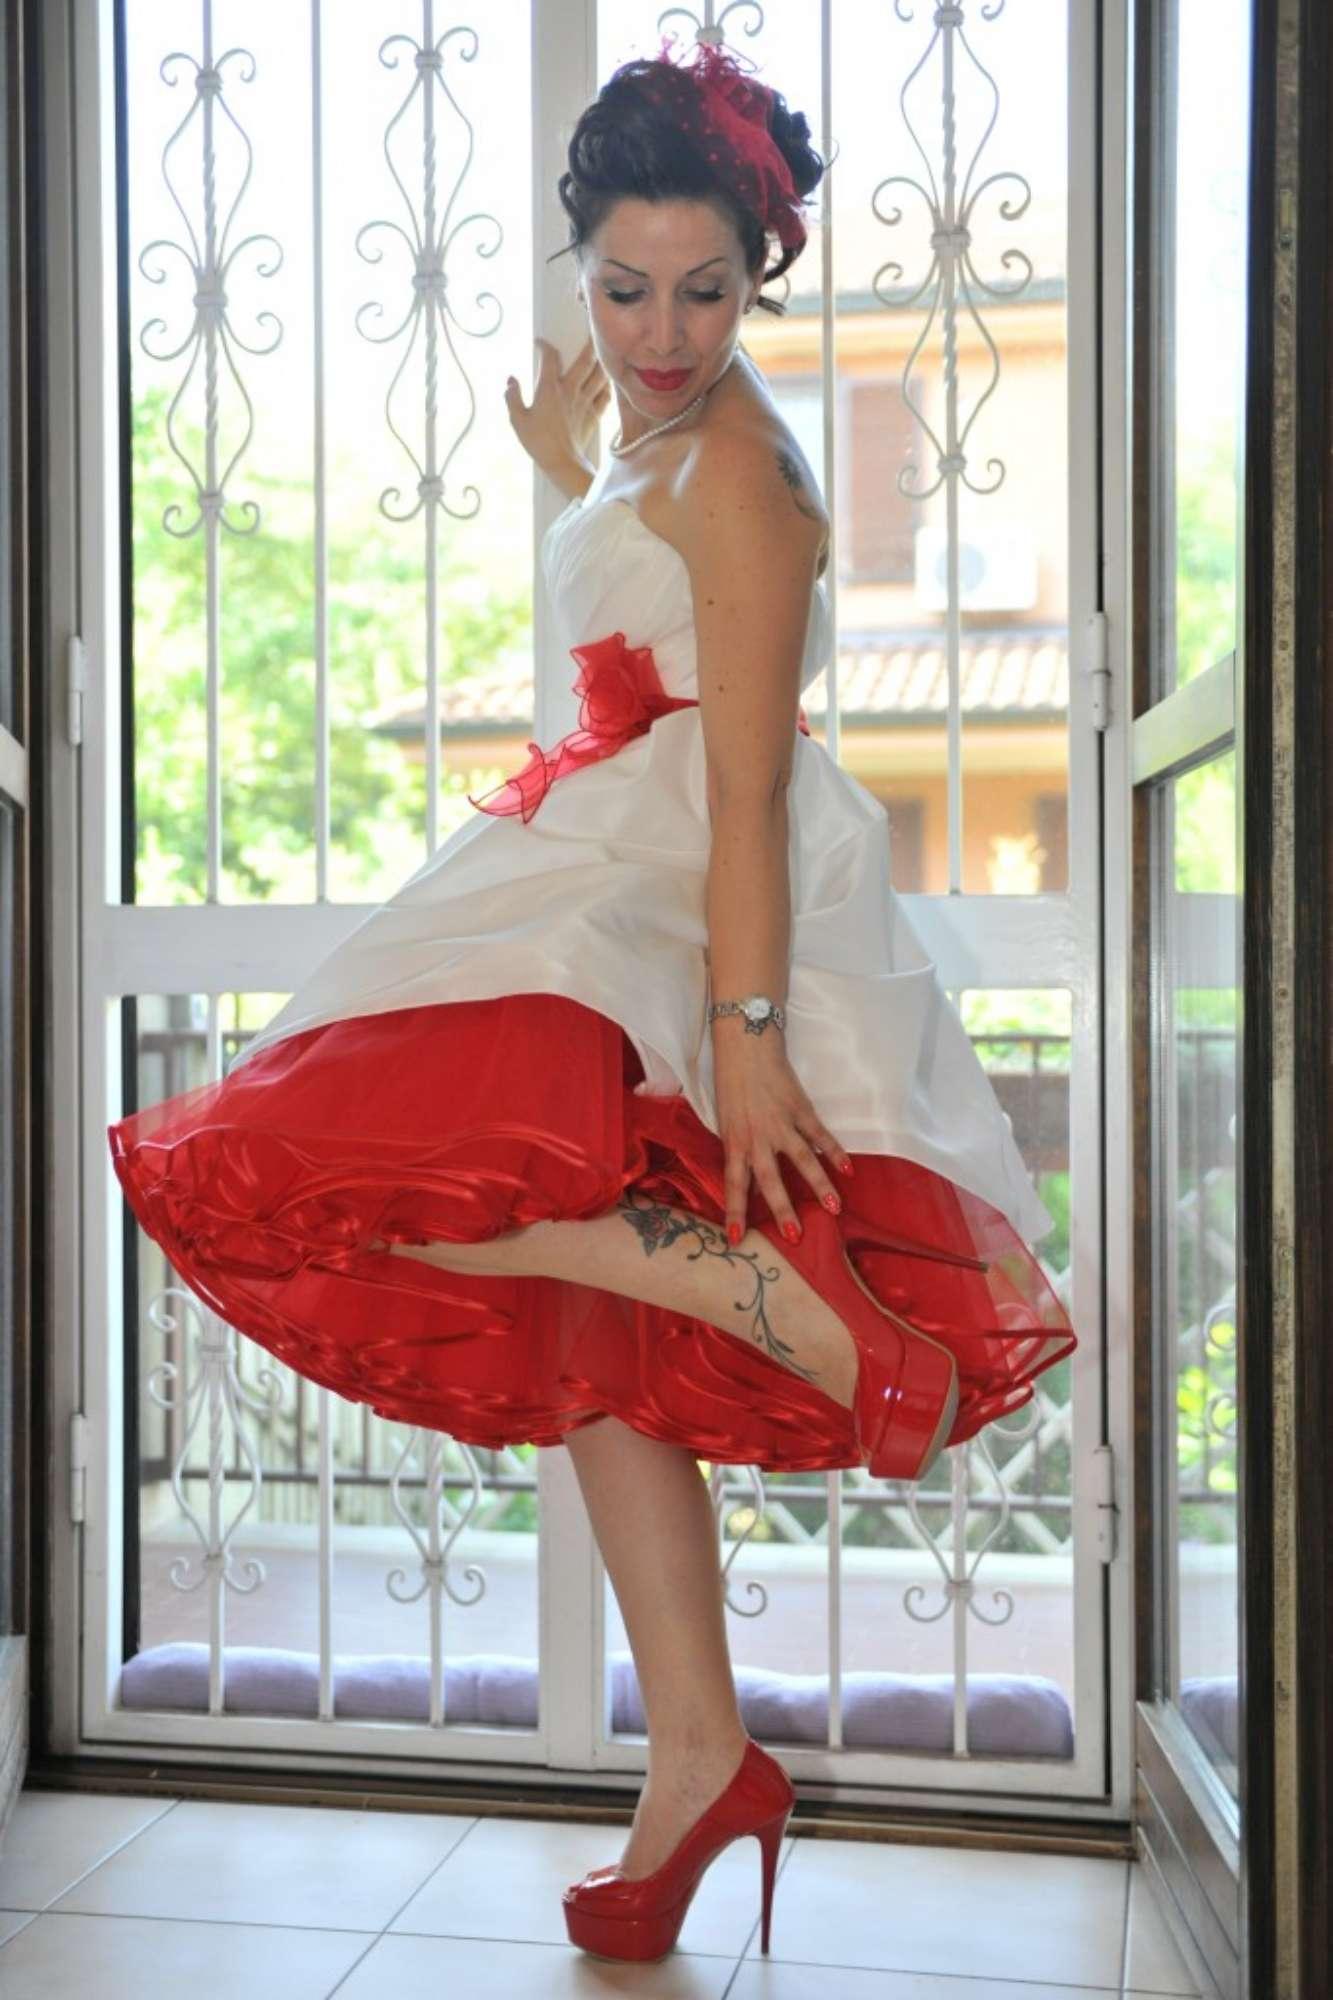 Paola nel suo abito adattato per essere in perfetto stile anni 50